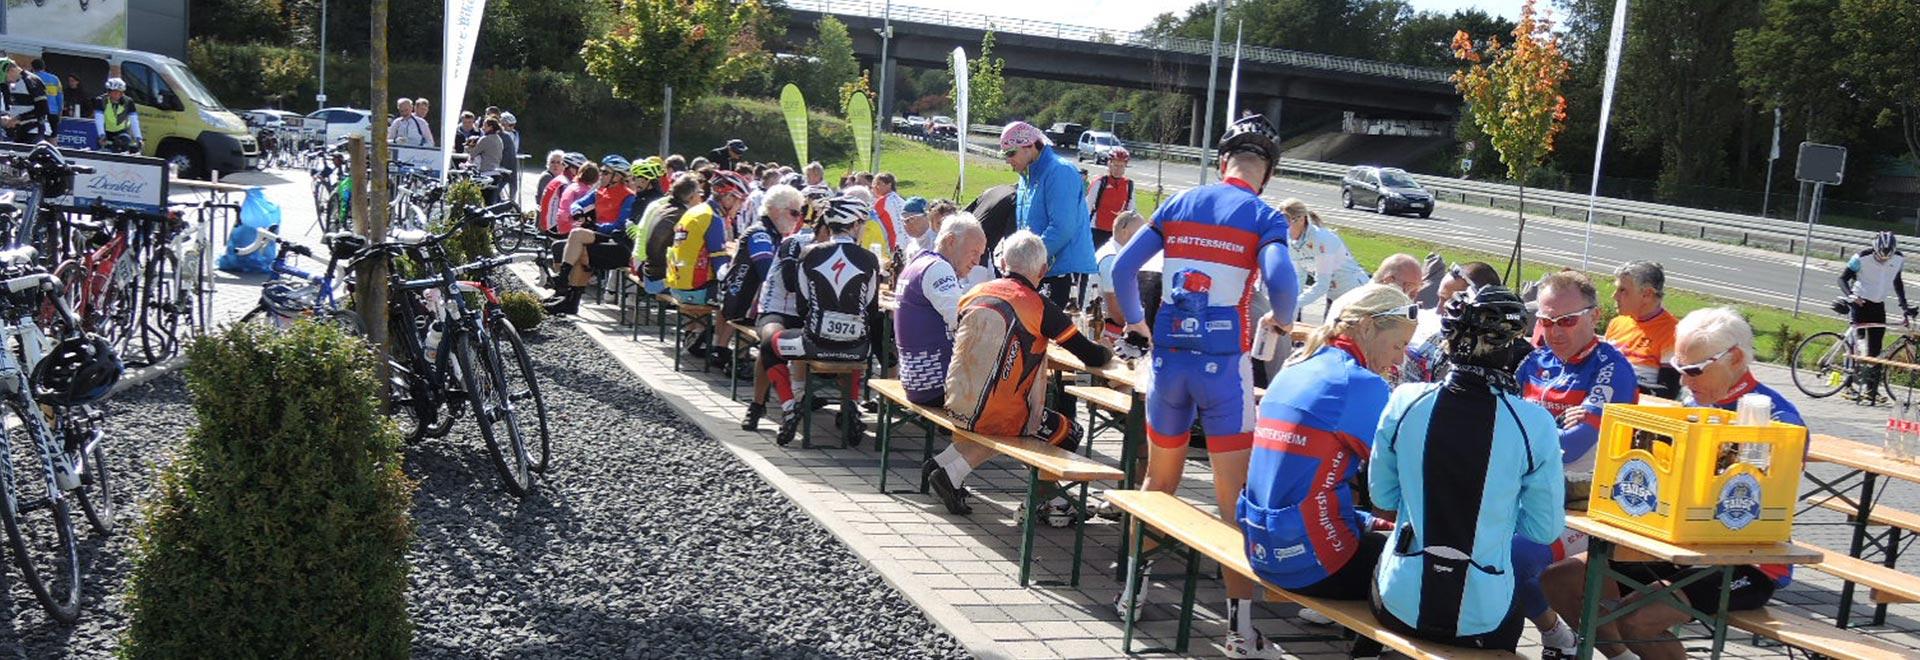 RTF Fahrrad DENFELD Bad Homburg RFC Oberstedten